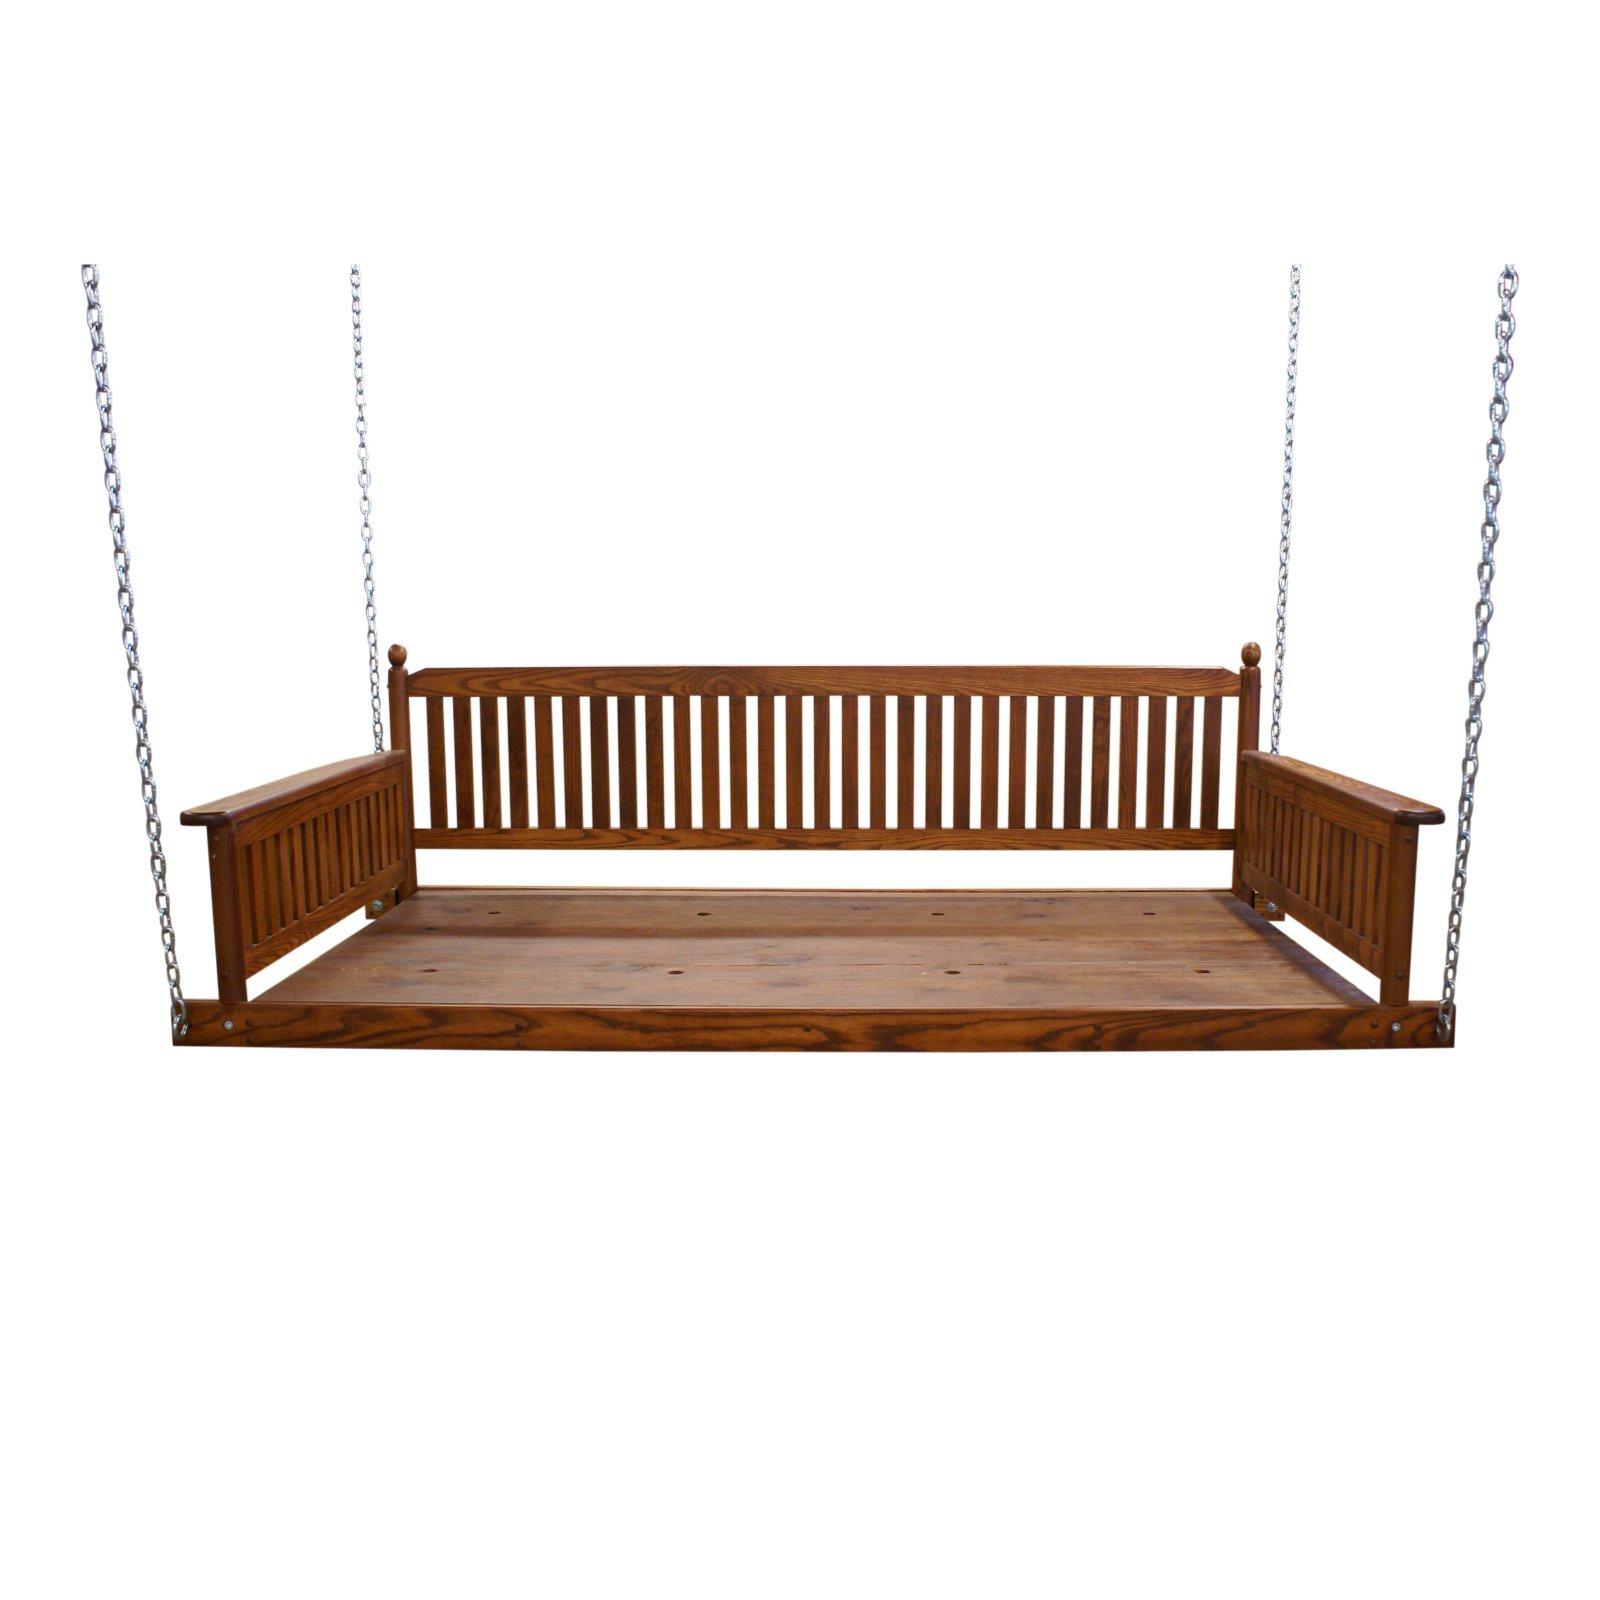 Hinkle Bradley 256 Wood Patio Day Bed Swing